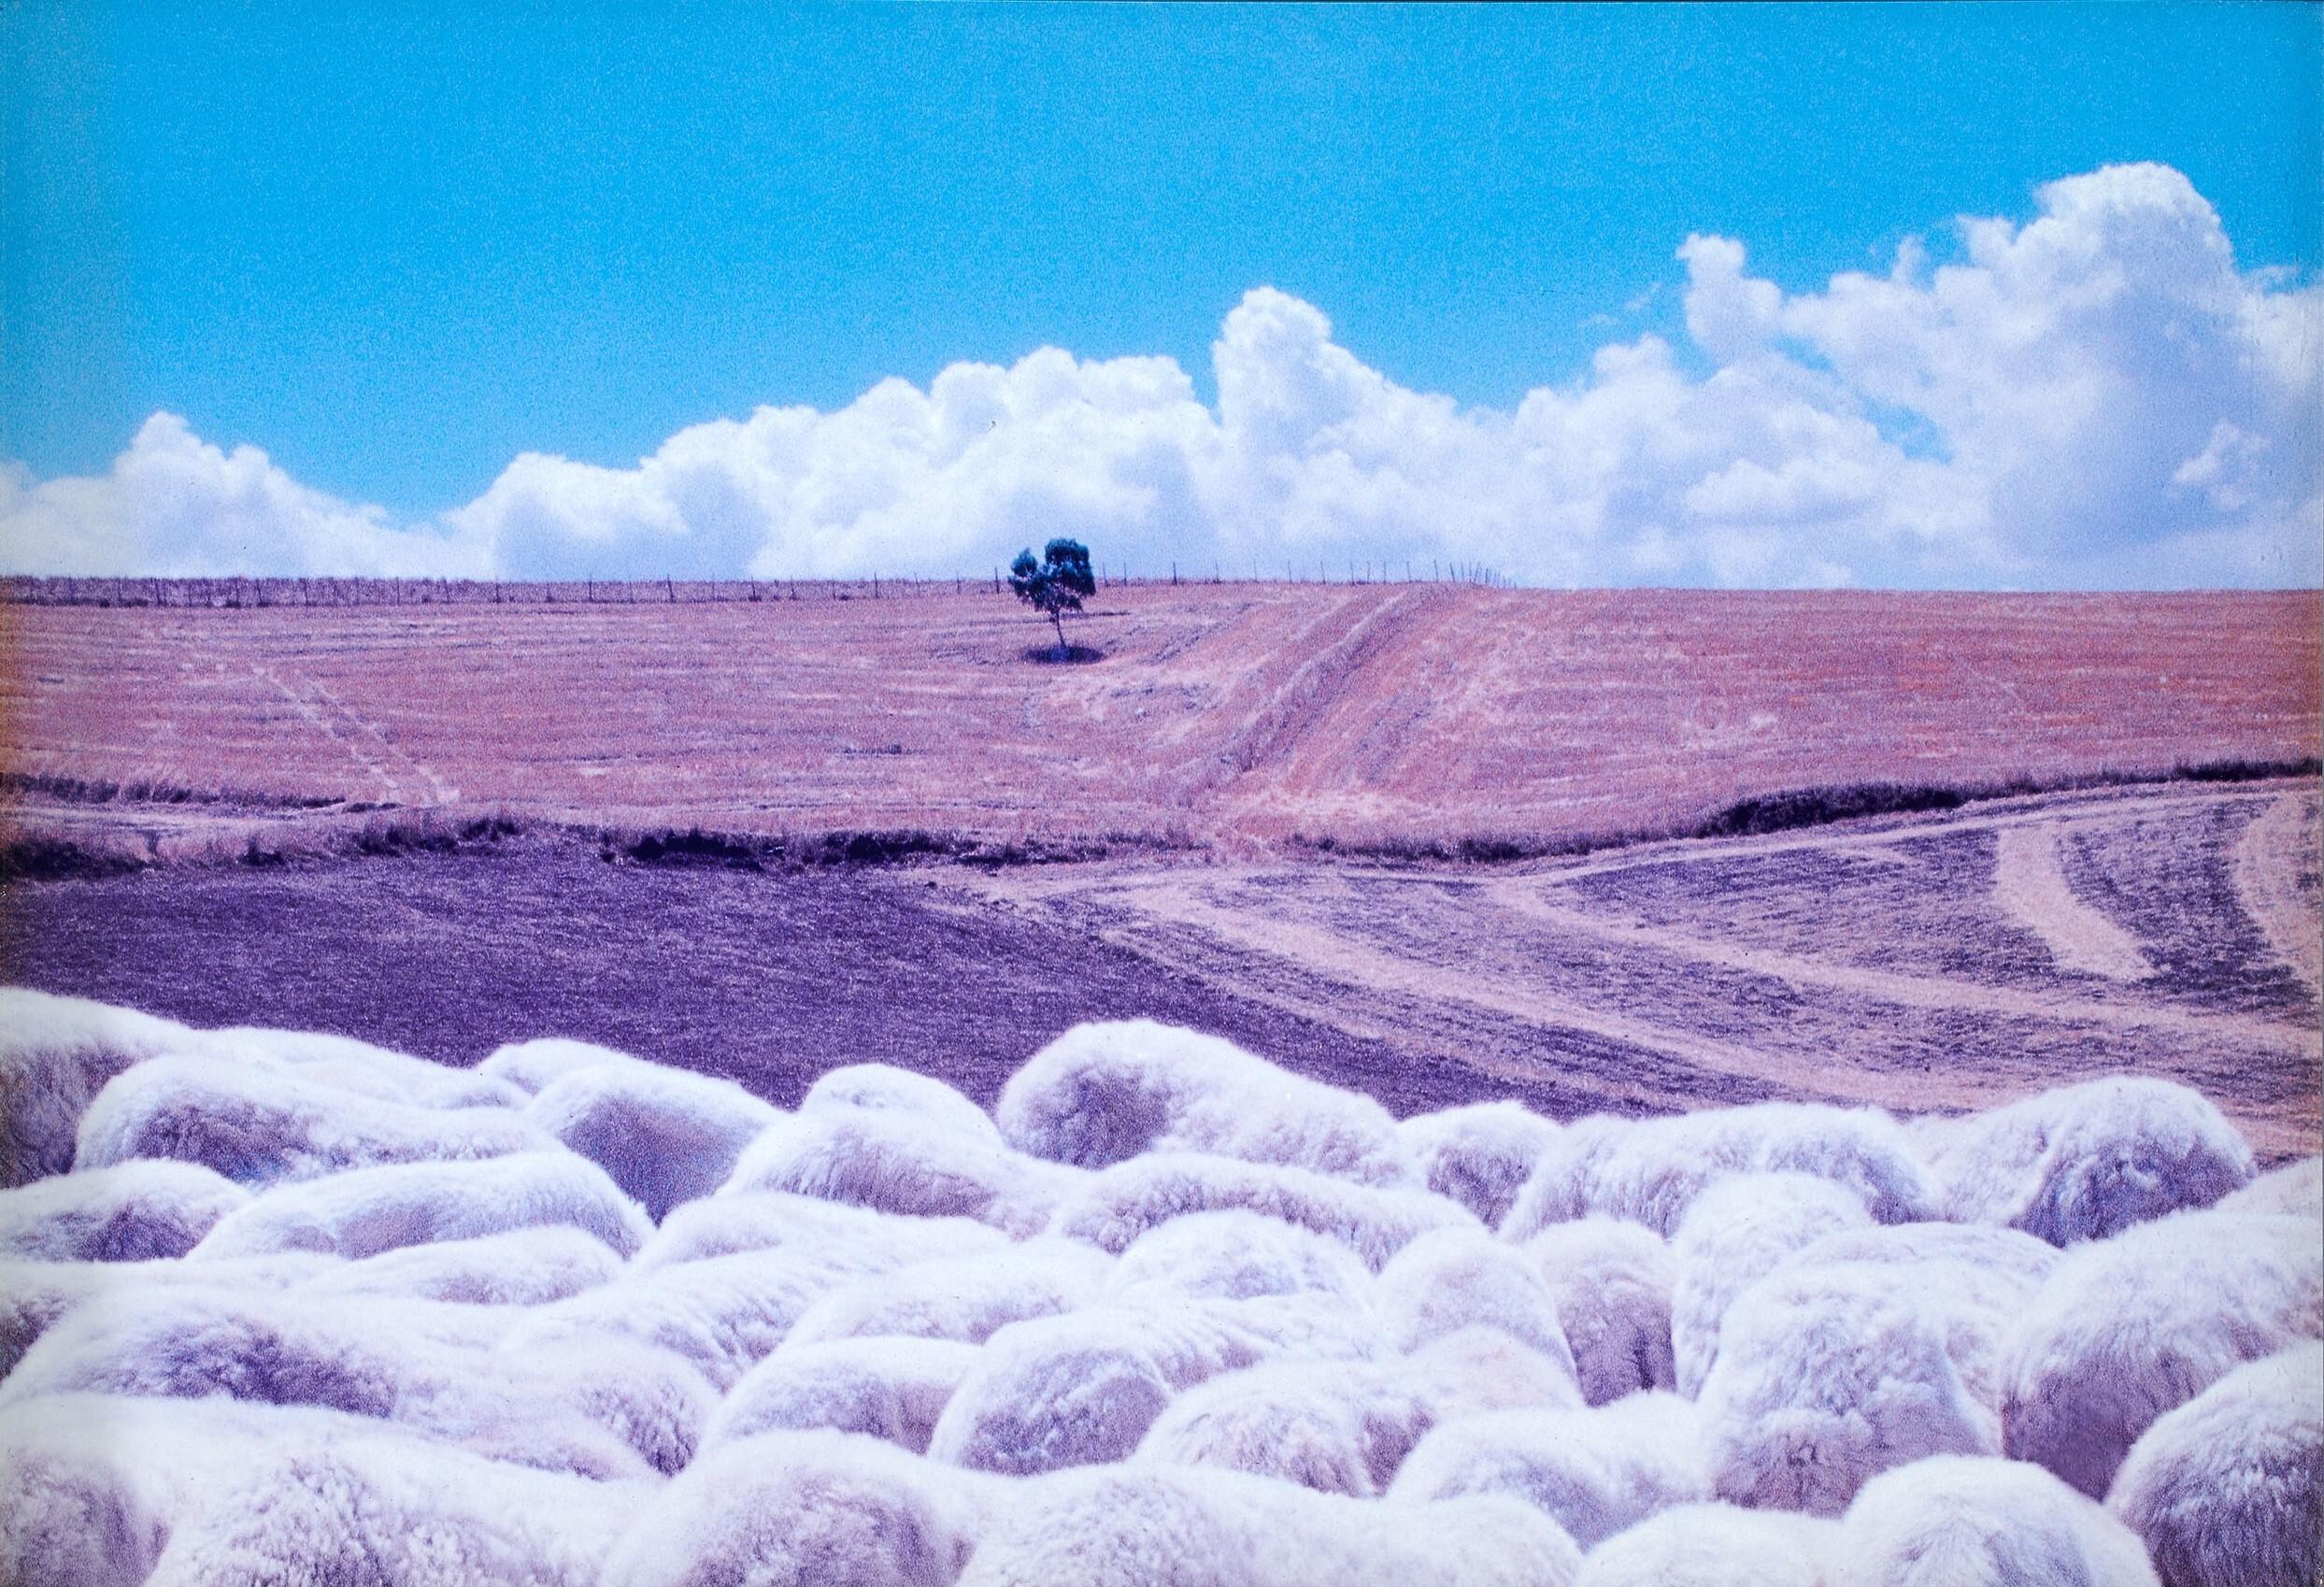 Сицилийский пейзаж, 1992. Фотограф Франко Фонтана